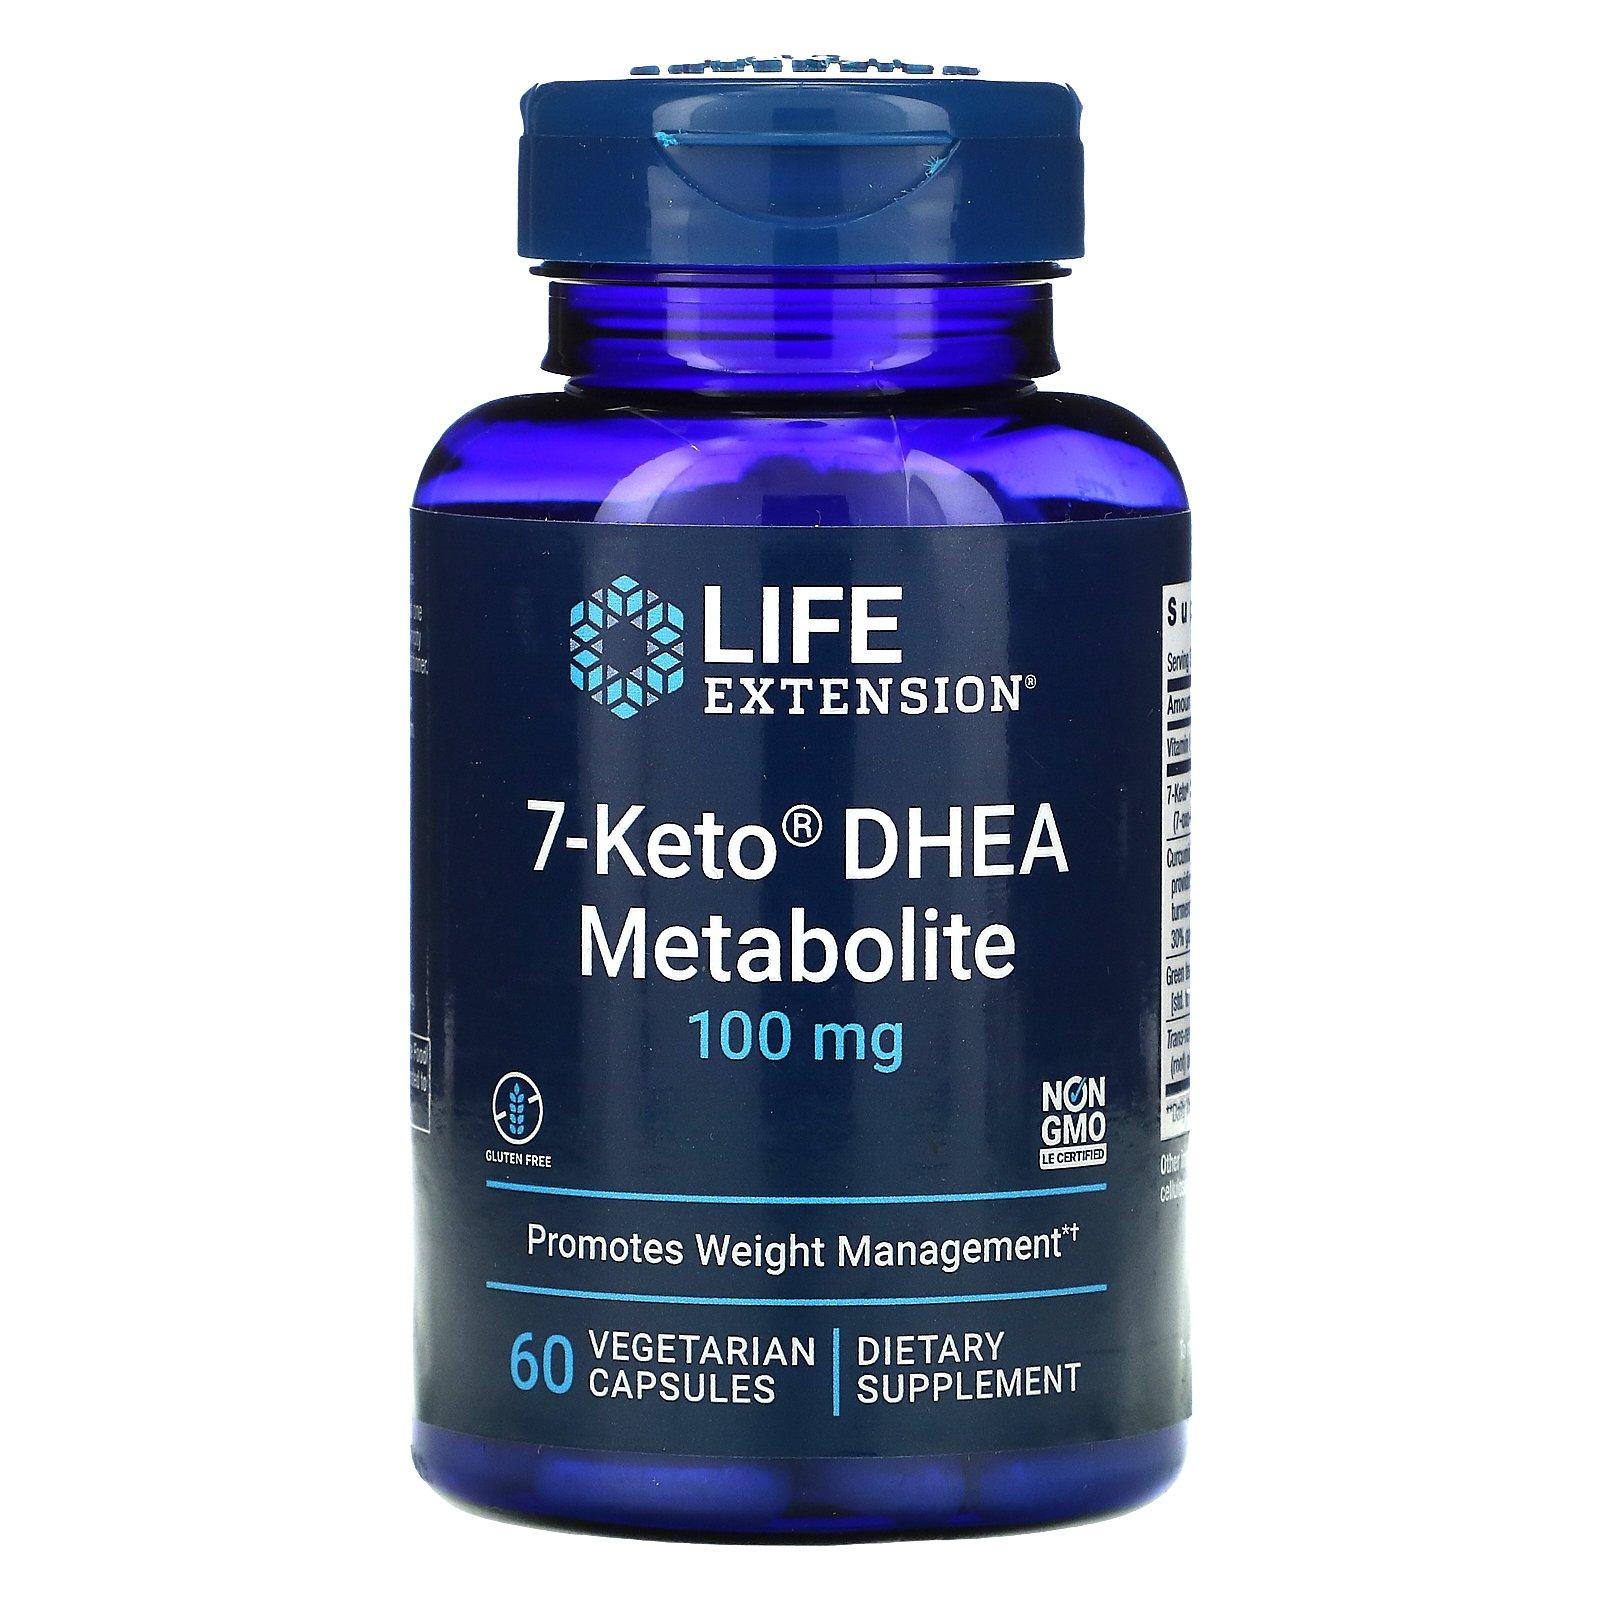 Life Extension, 7-Keto, ДГЭА, метаболит, 100 мг, 60 растительных капсул